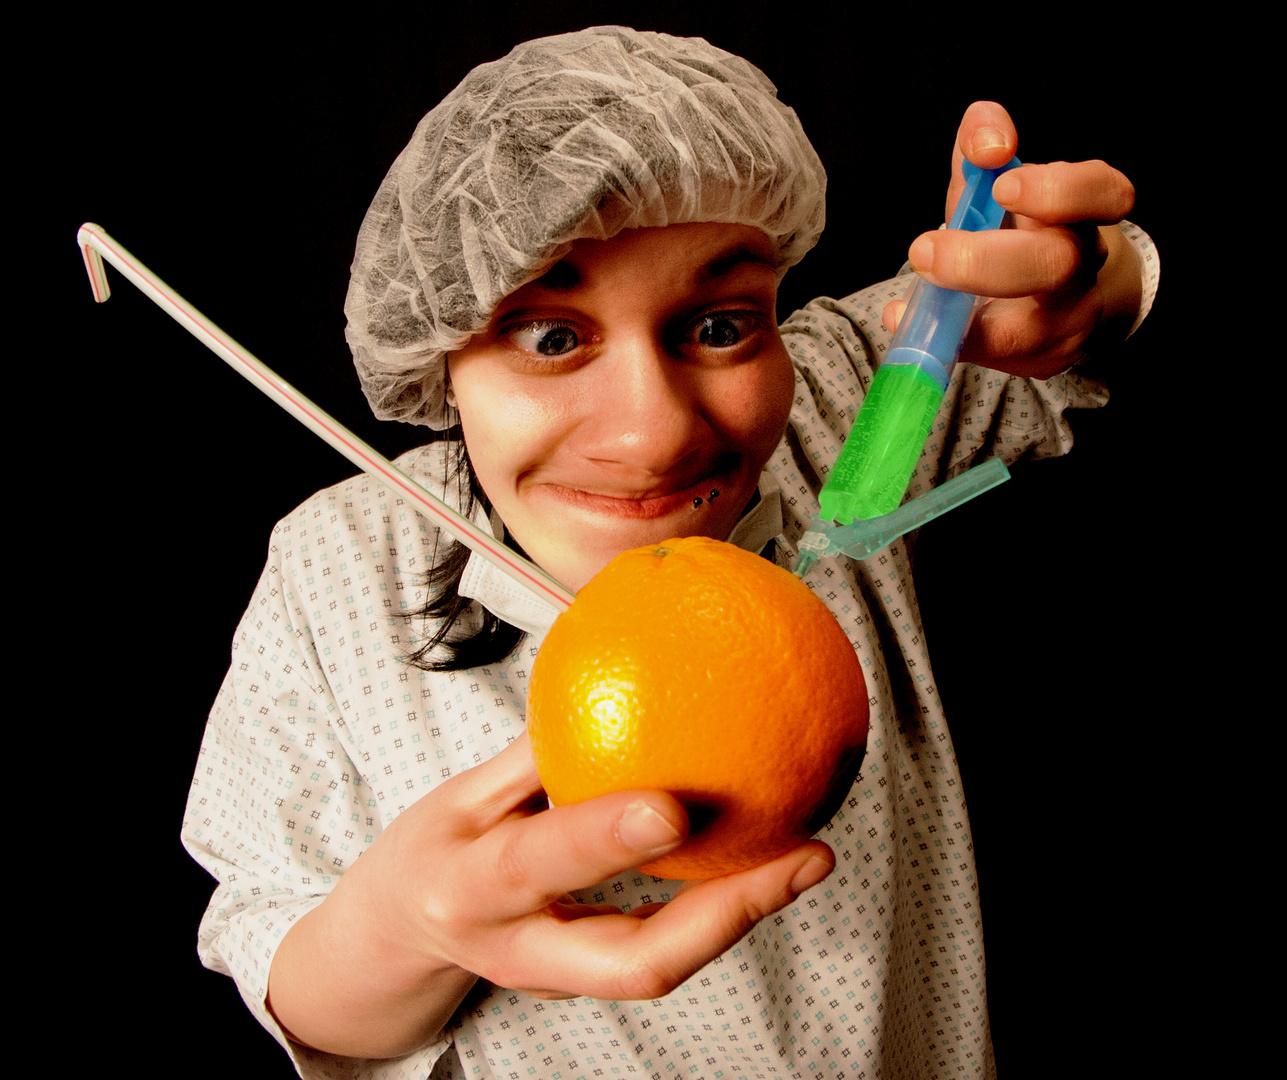 Dr. P. Sycho und das gespritzte Obst